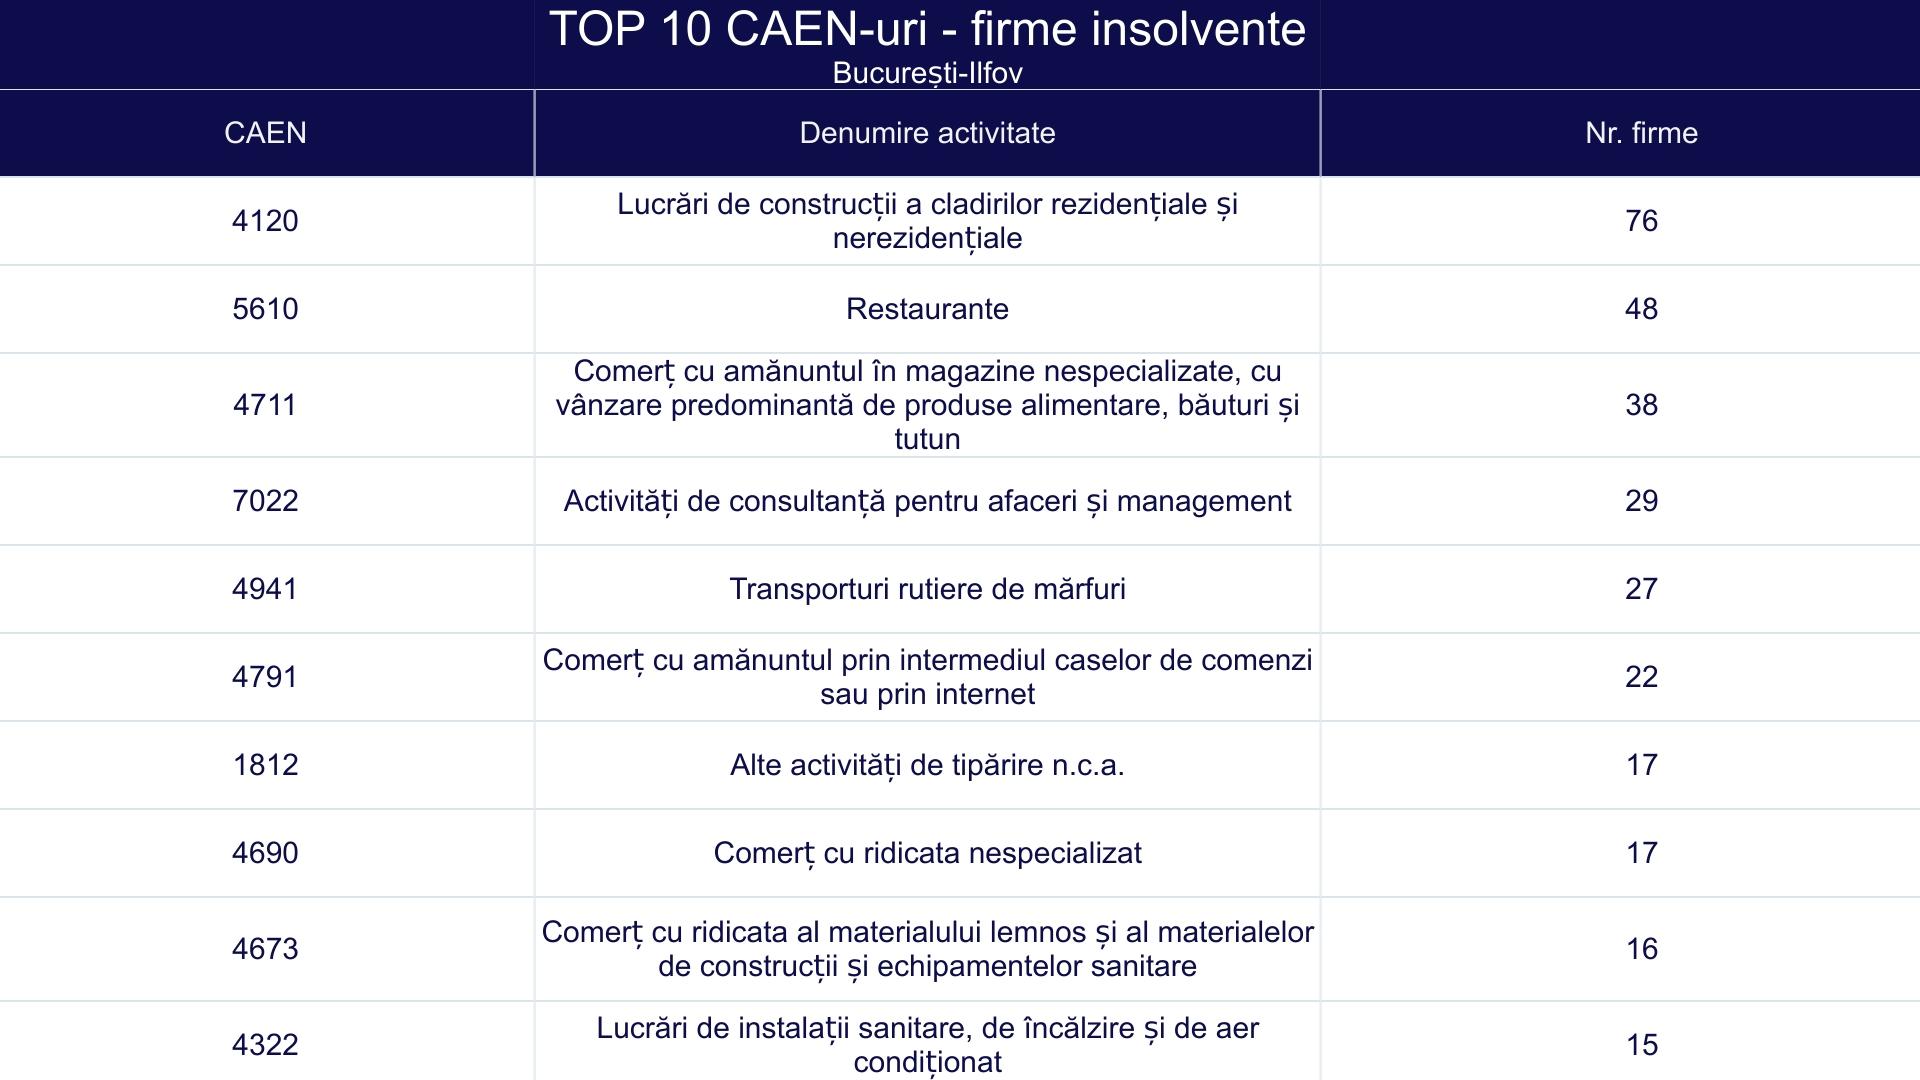 TOP 10 CAEN-uri - firme insolvente - București-Ilfov